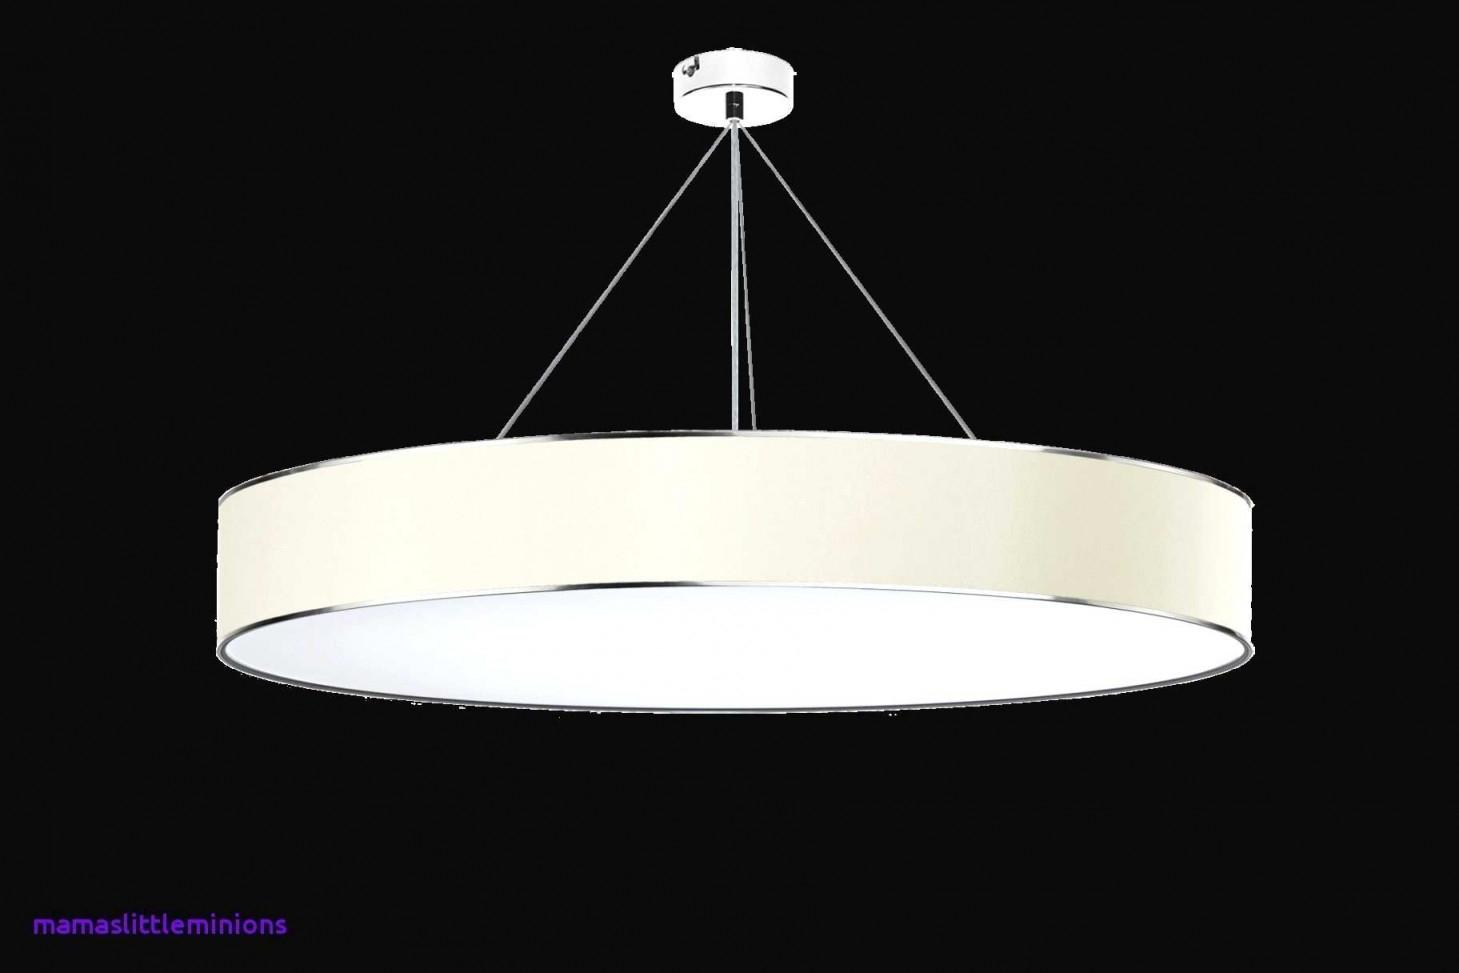 Deckenlampe Wohnzimmer Landhaus – Caseconrad von Deckenlampe Wohnzimmer Landhaus Bild